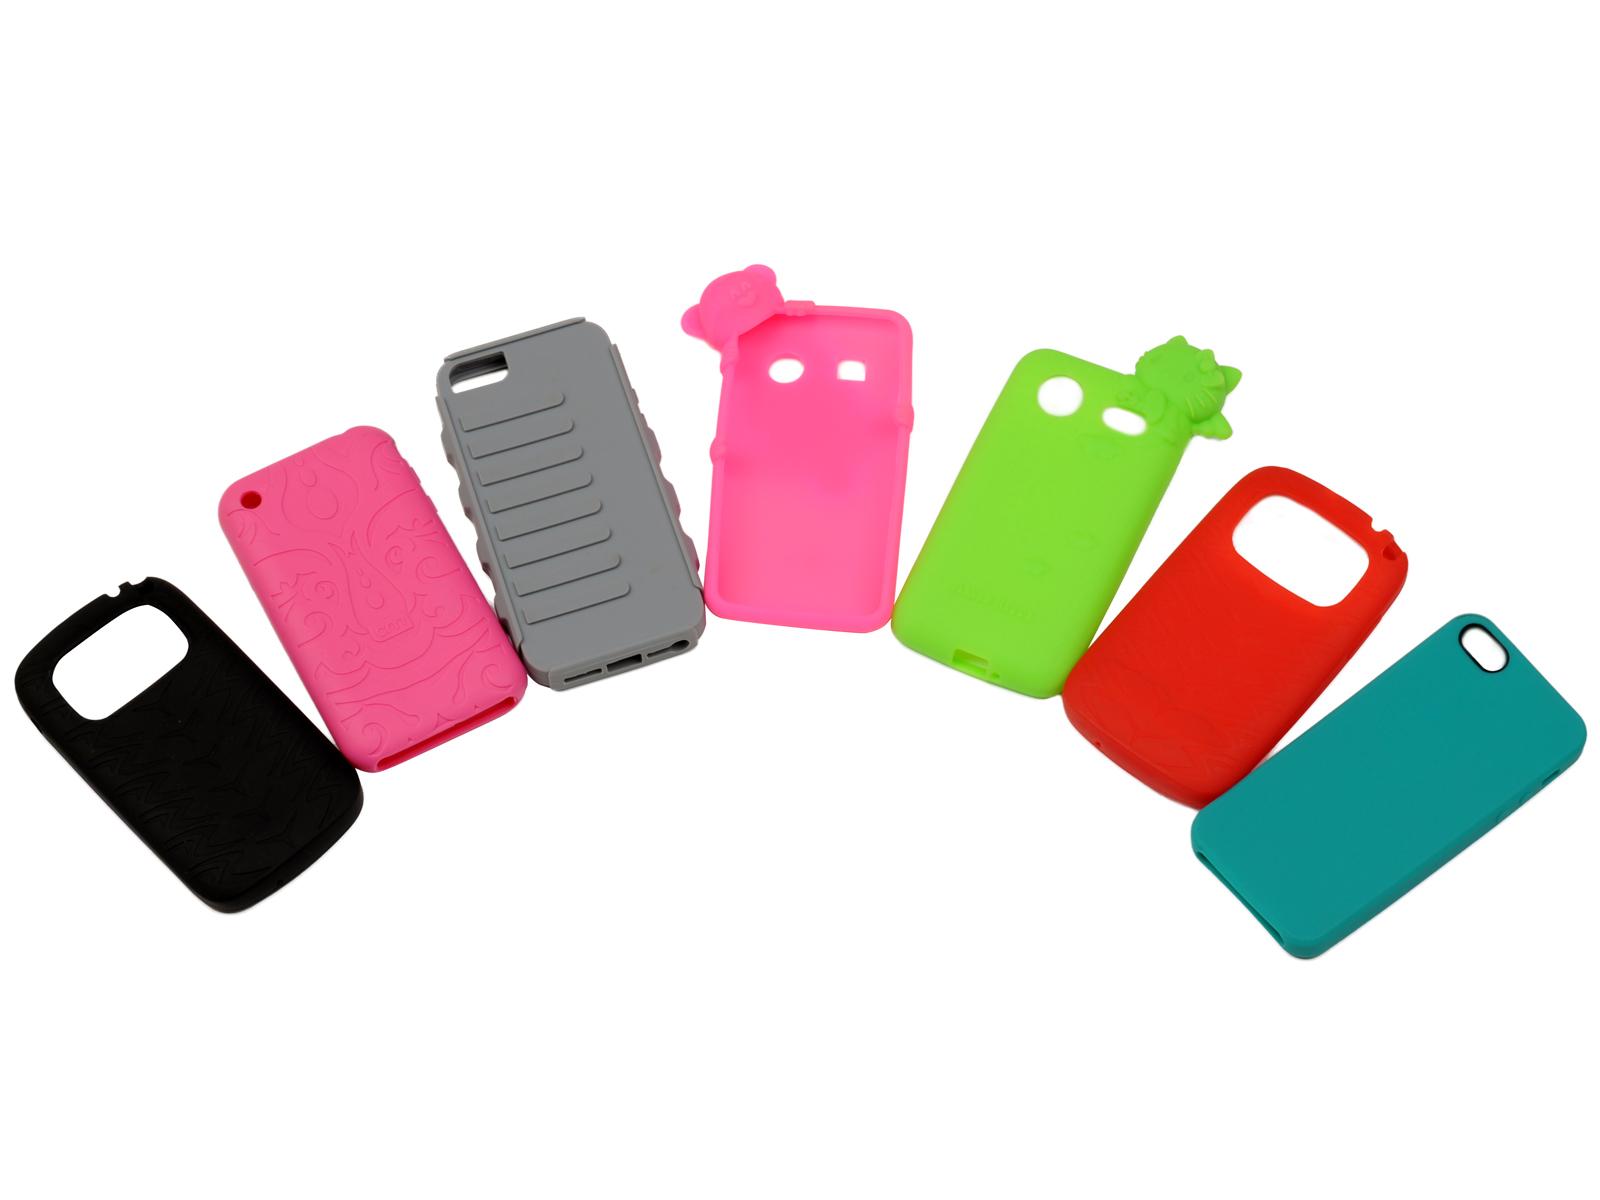 硅胶手机套,深圳硅胶手机生产厂